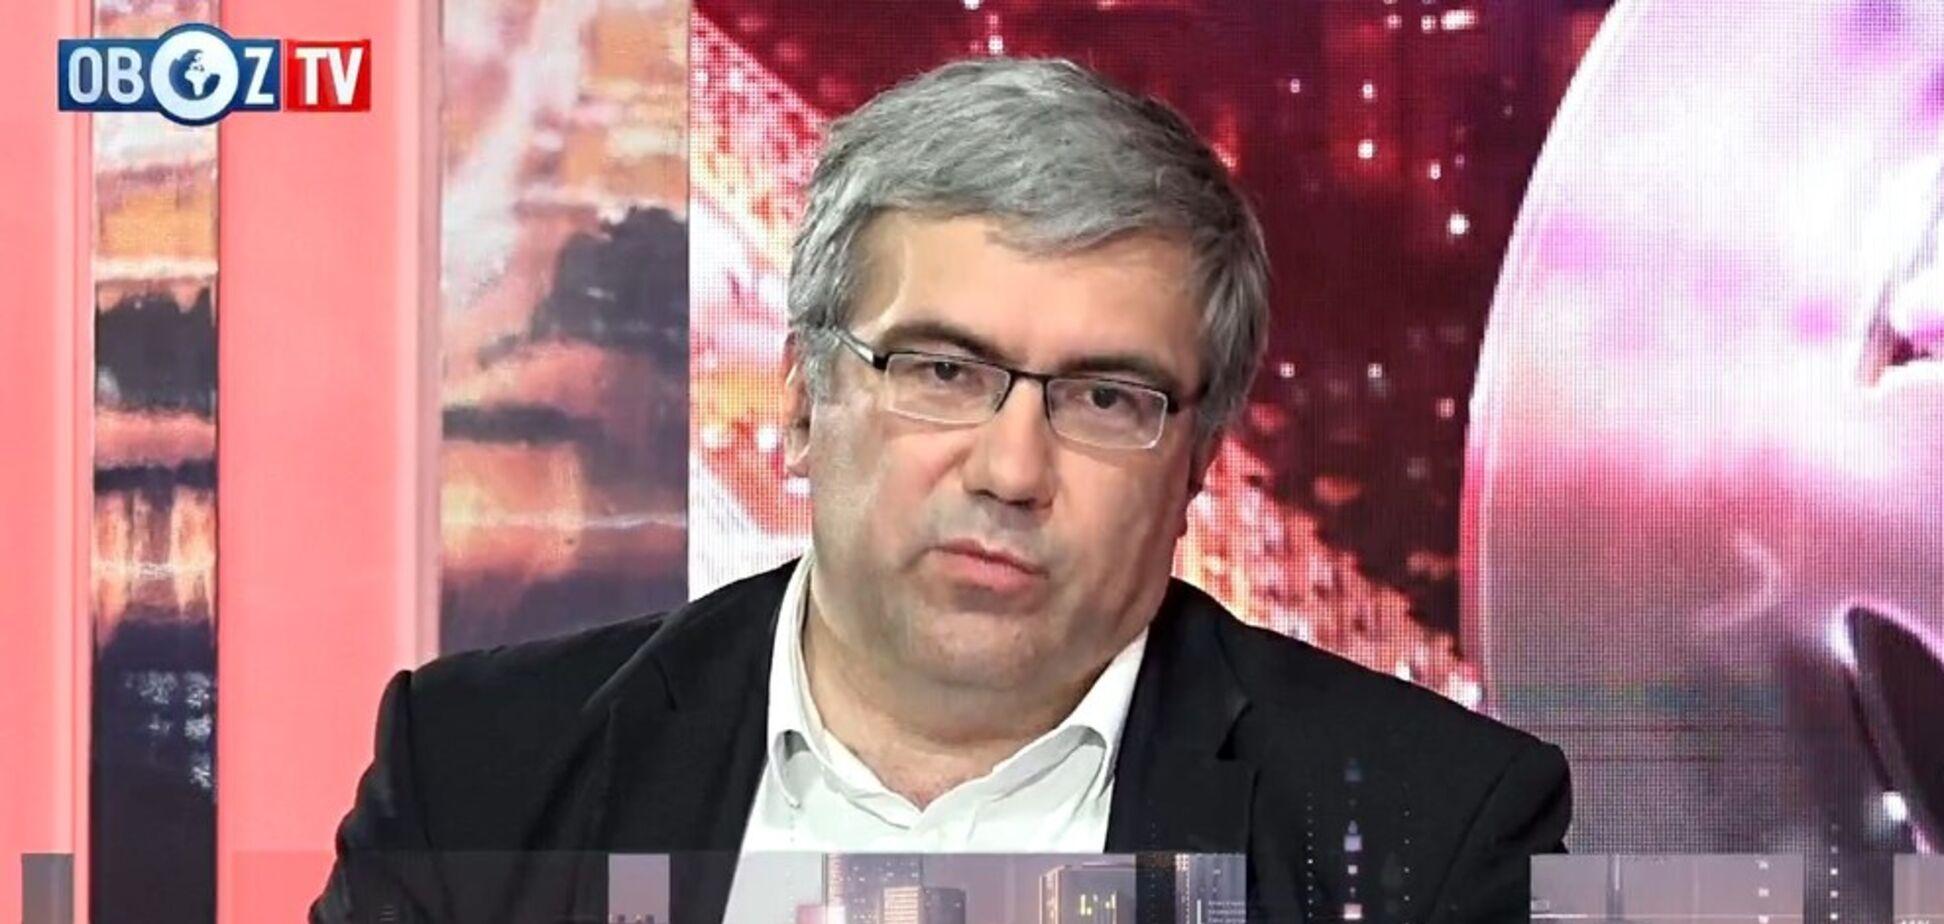 'Реакция на признаки реванша': зачем в Украине нужно уголовное наказание за 'Крымнаш'